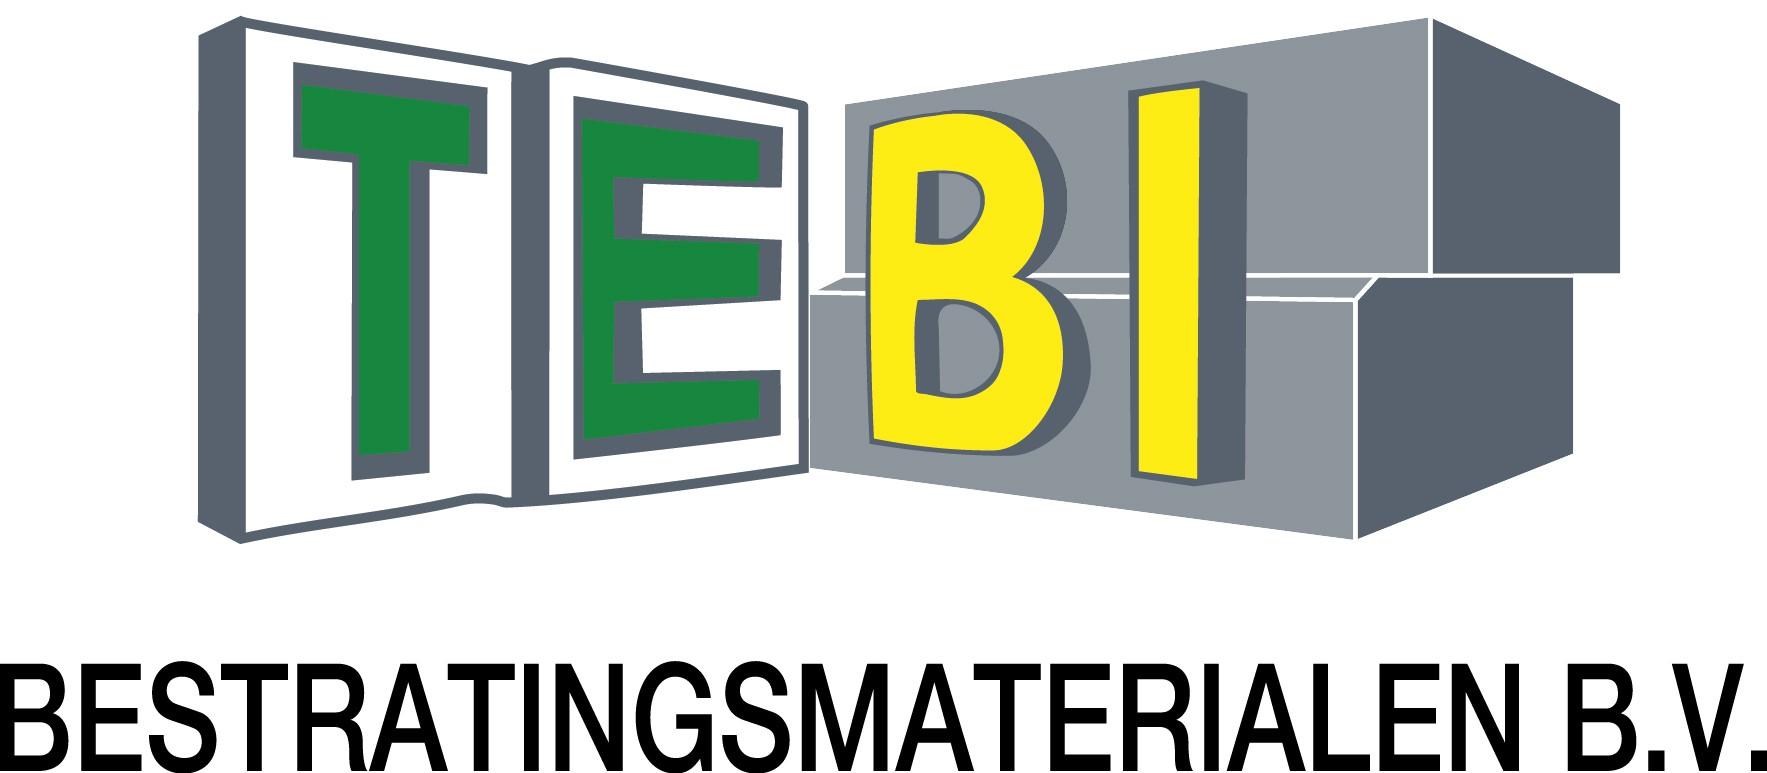 Tebi Bestratingsmaterialen B.V.